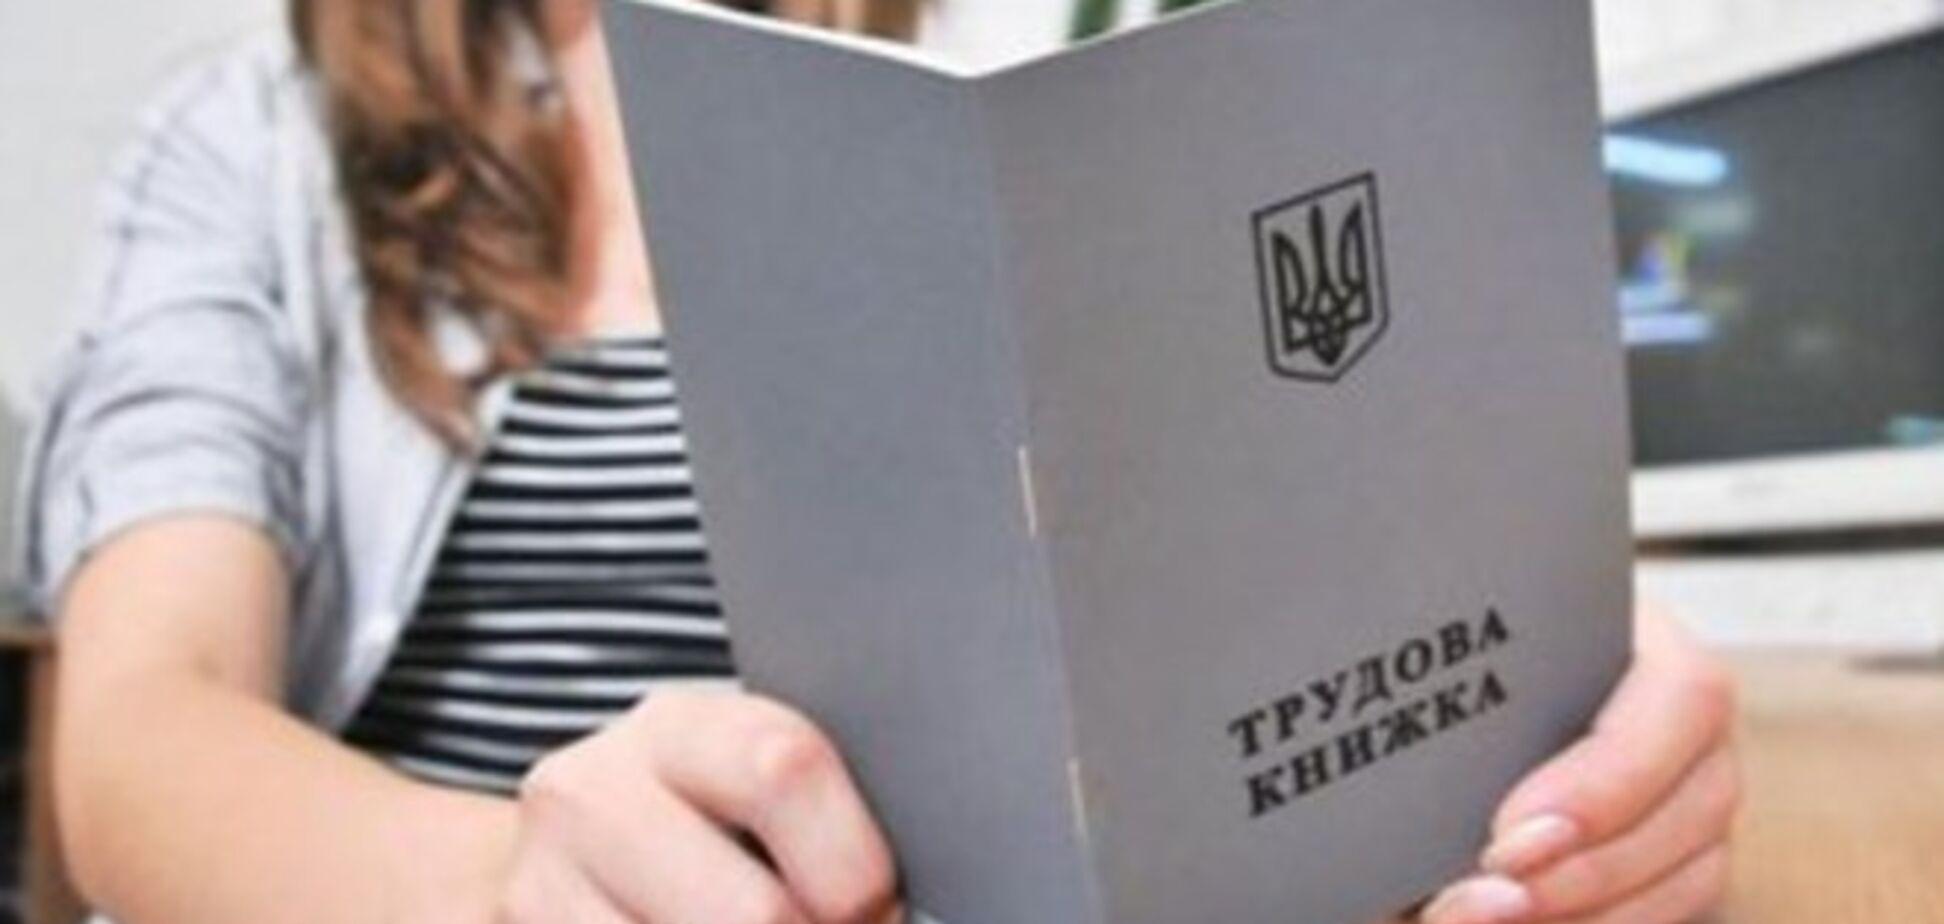 Кабмин предложил изменить условия выхода на пенсию части украинцев: что может поменяться